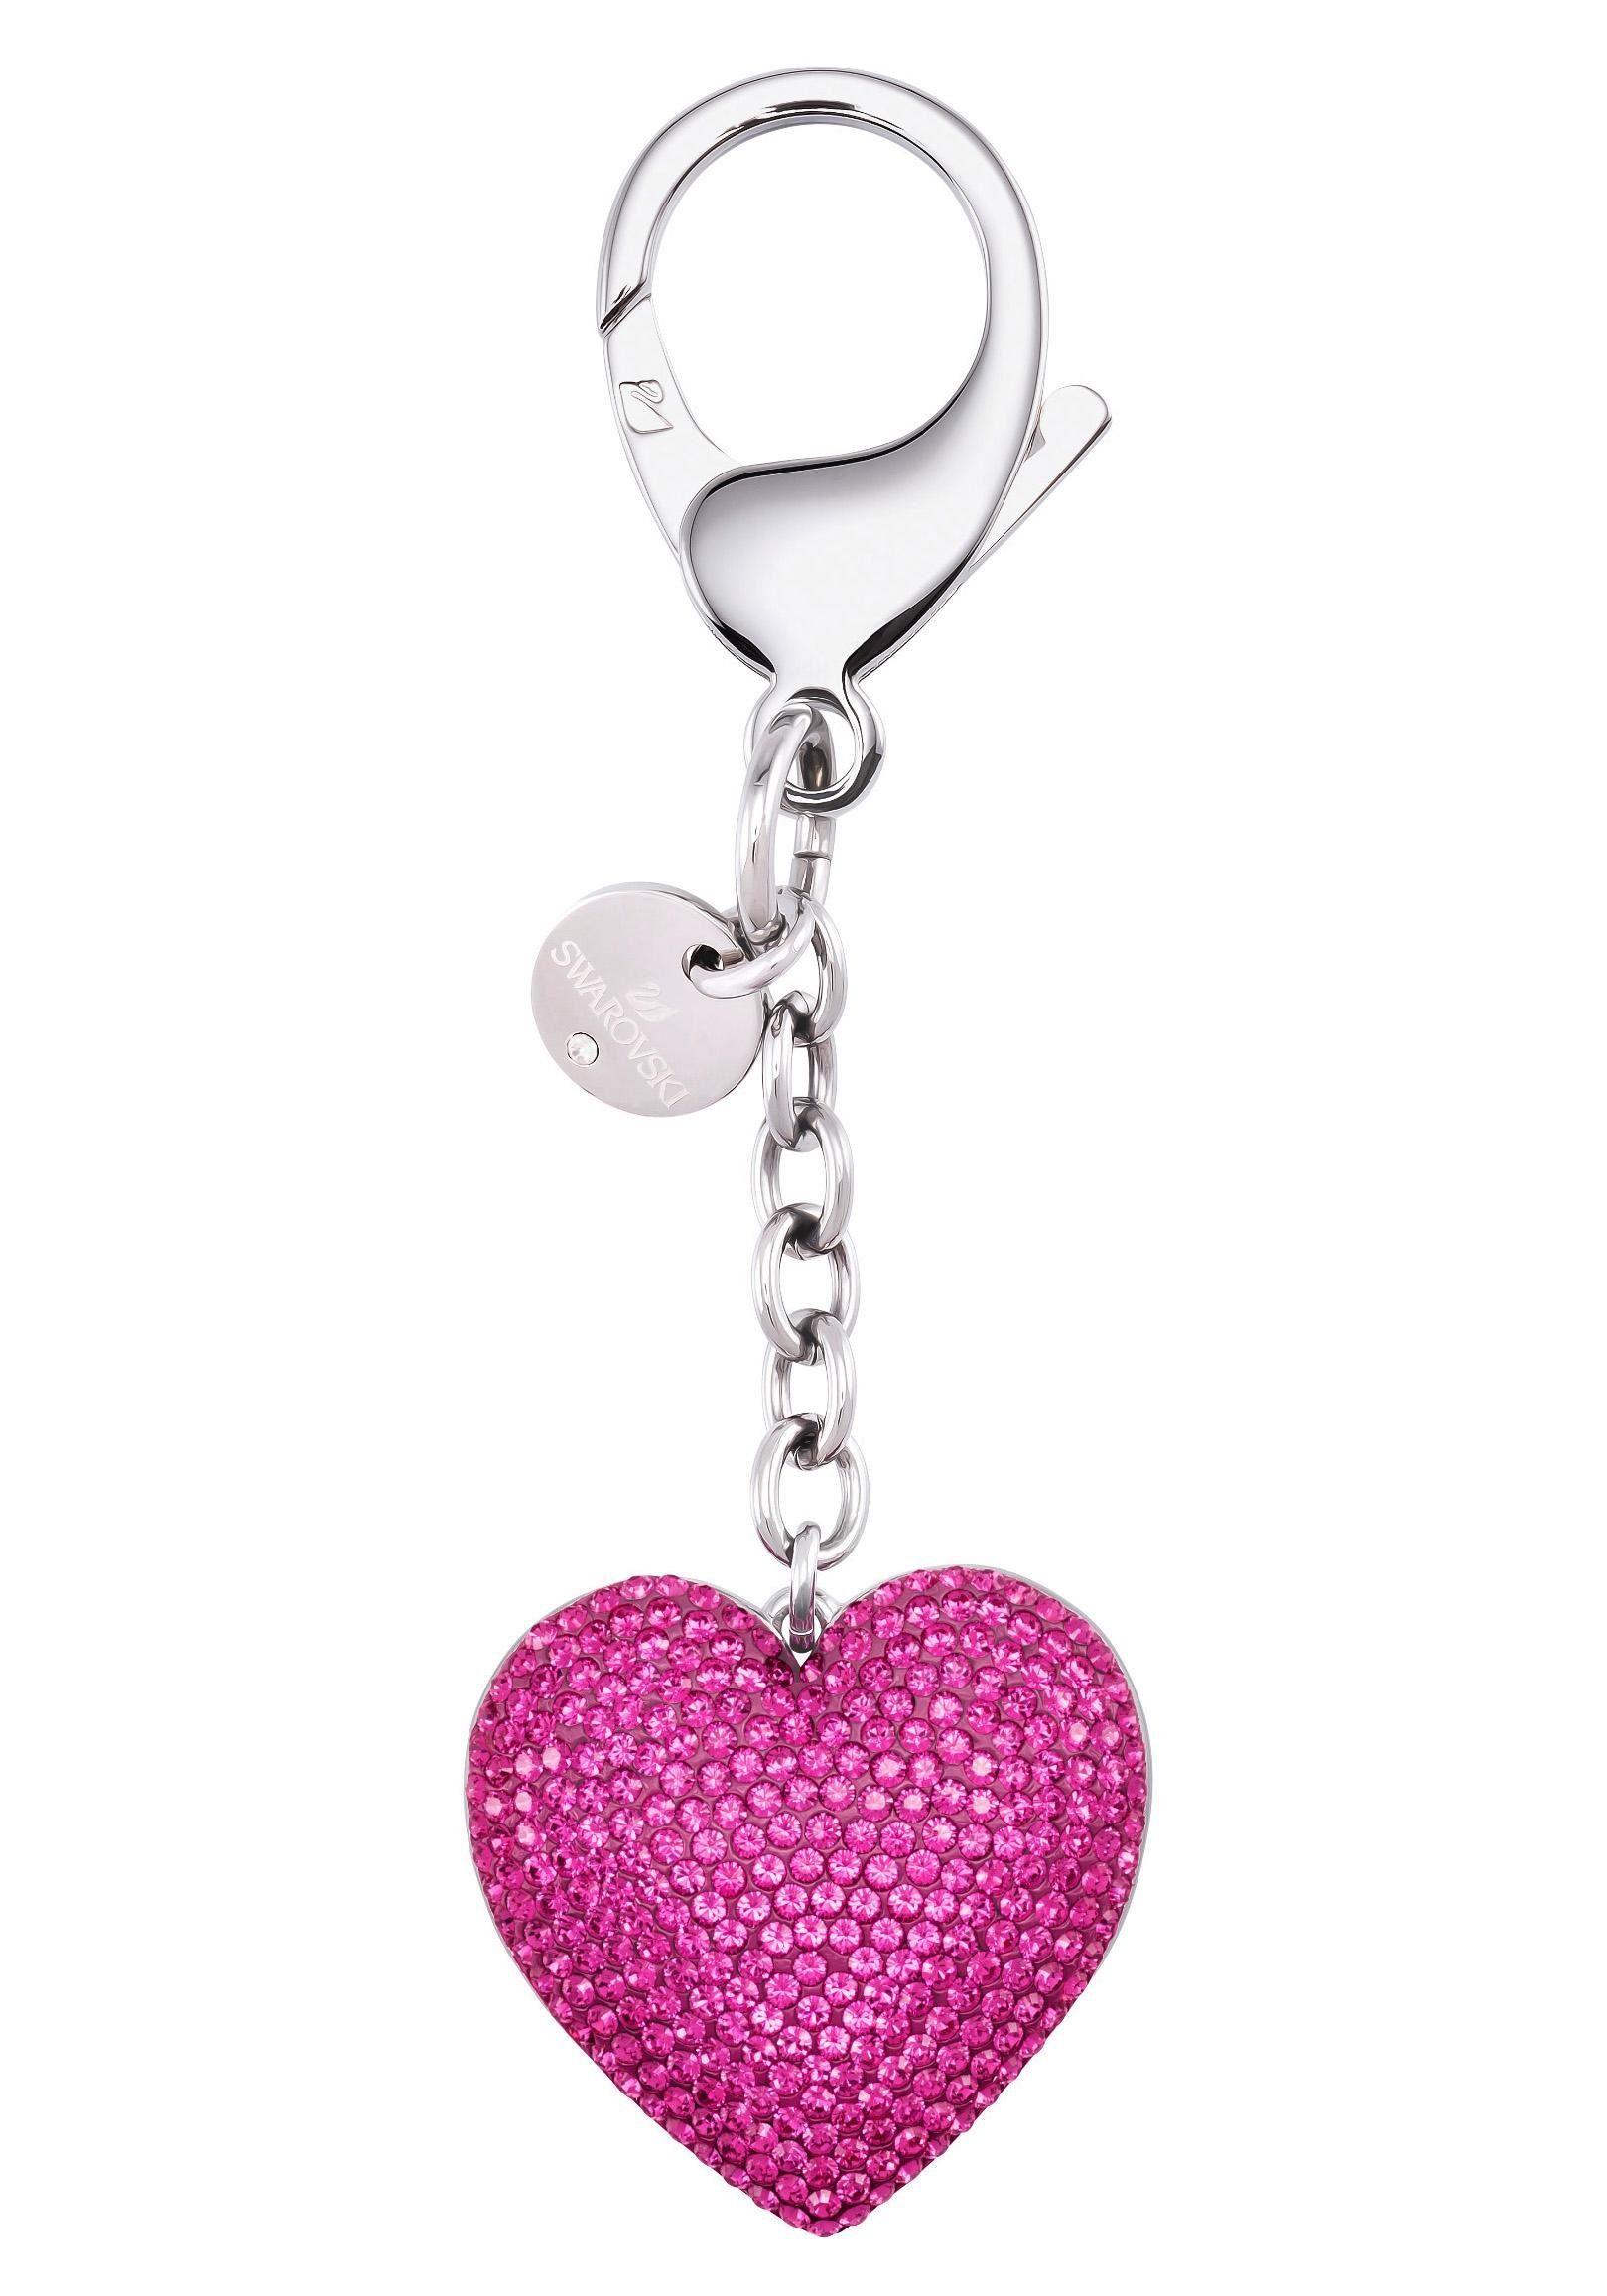 Swarovski Schlüsselanhänger »Lovely Handtaschen-Charm, fuchsia, Edelstahl, 5458417« mit Swarovski® Kristallen